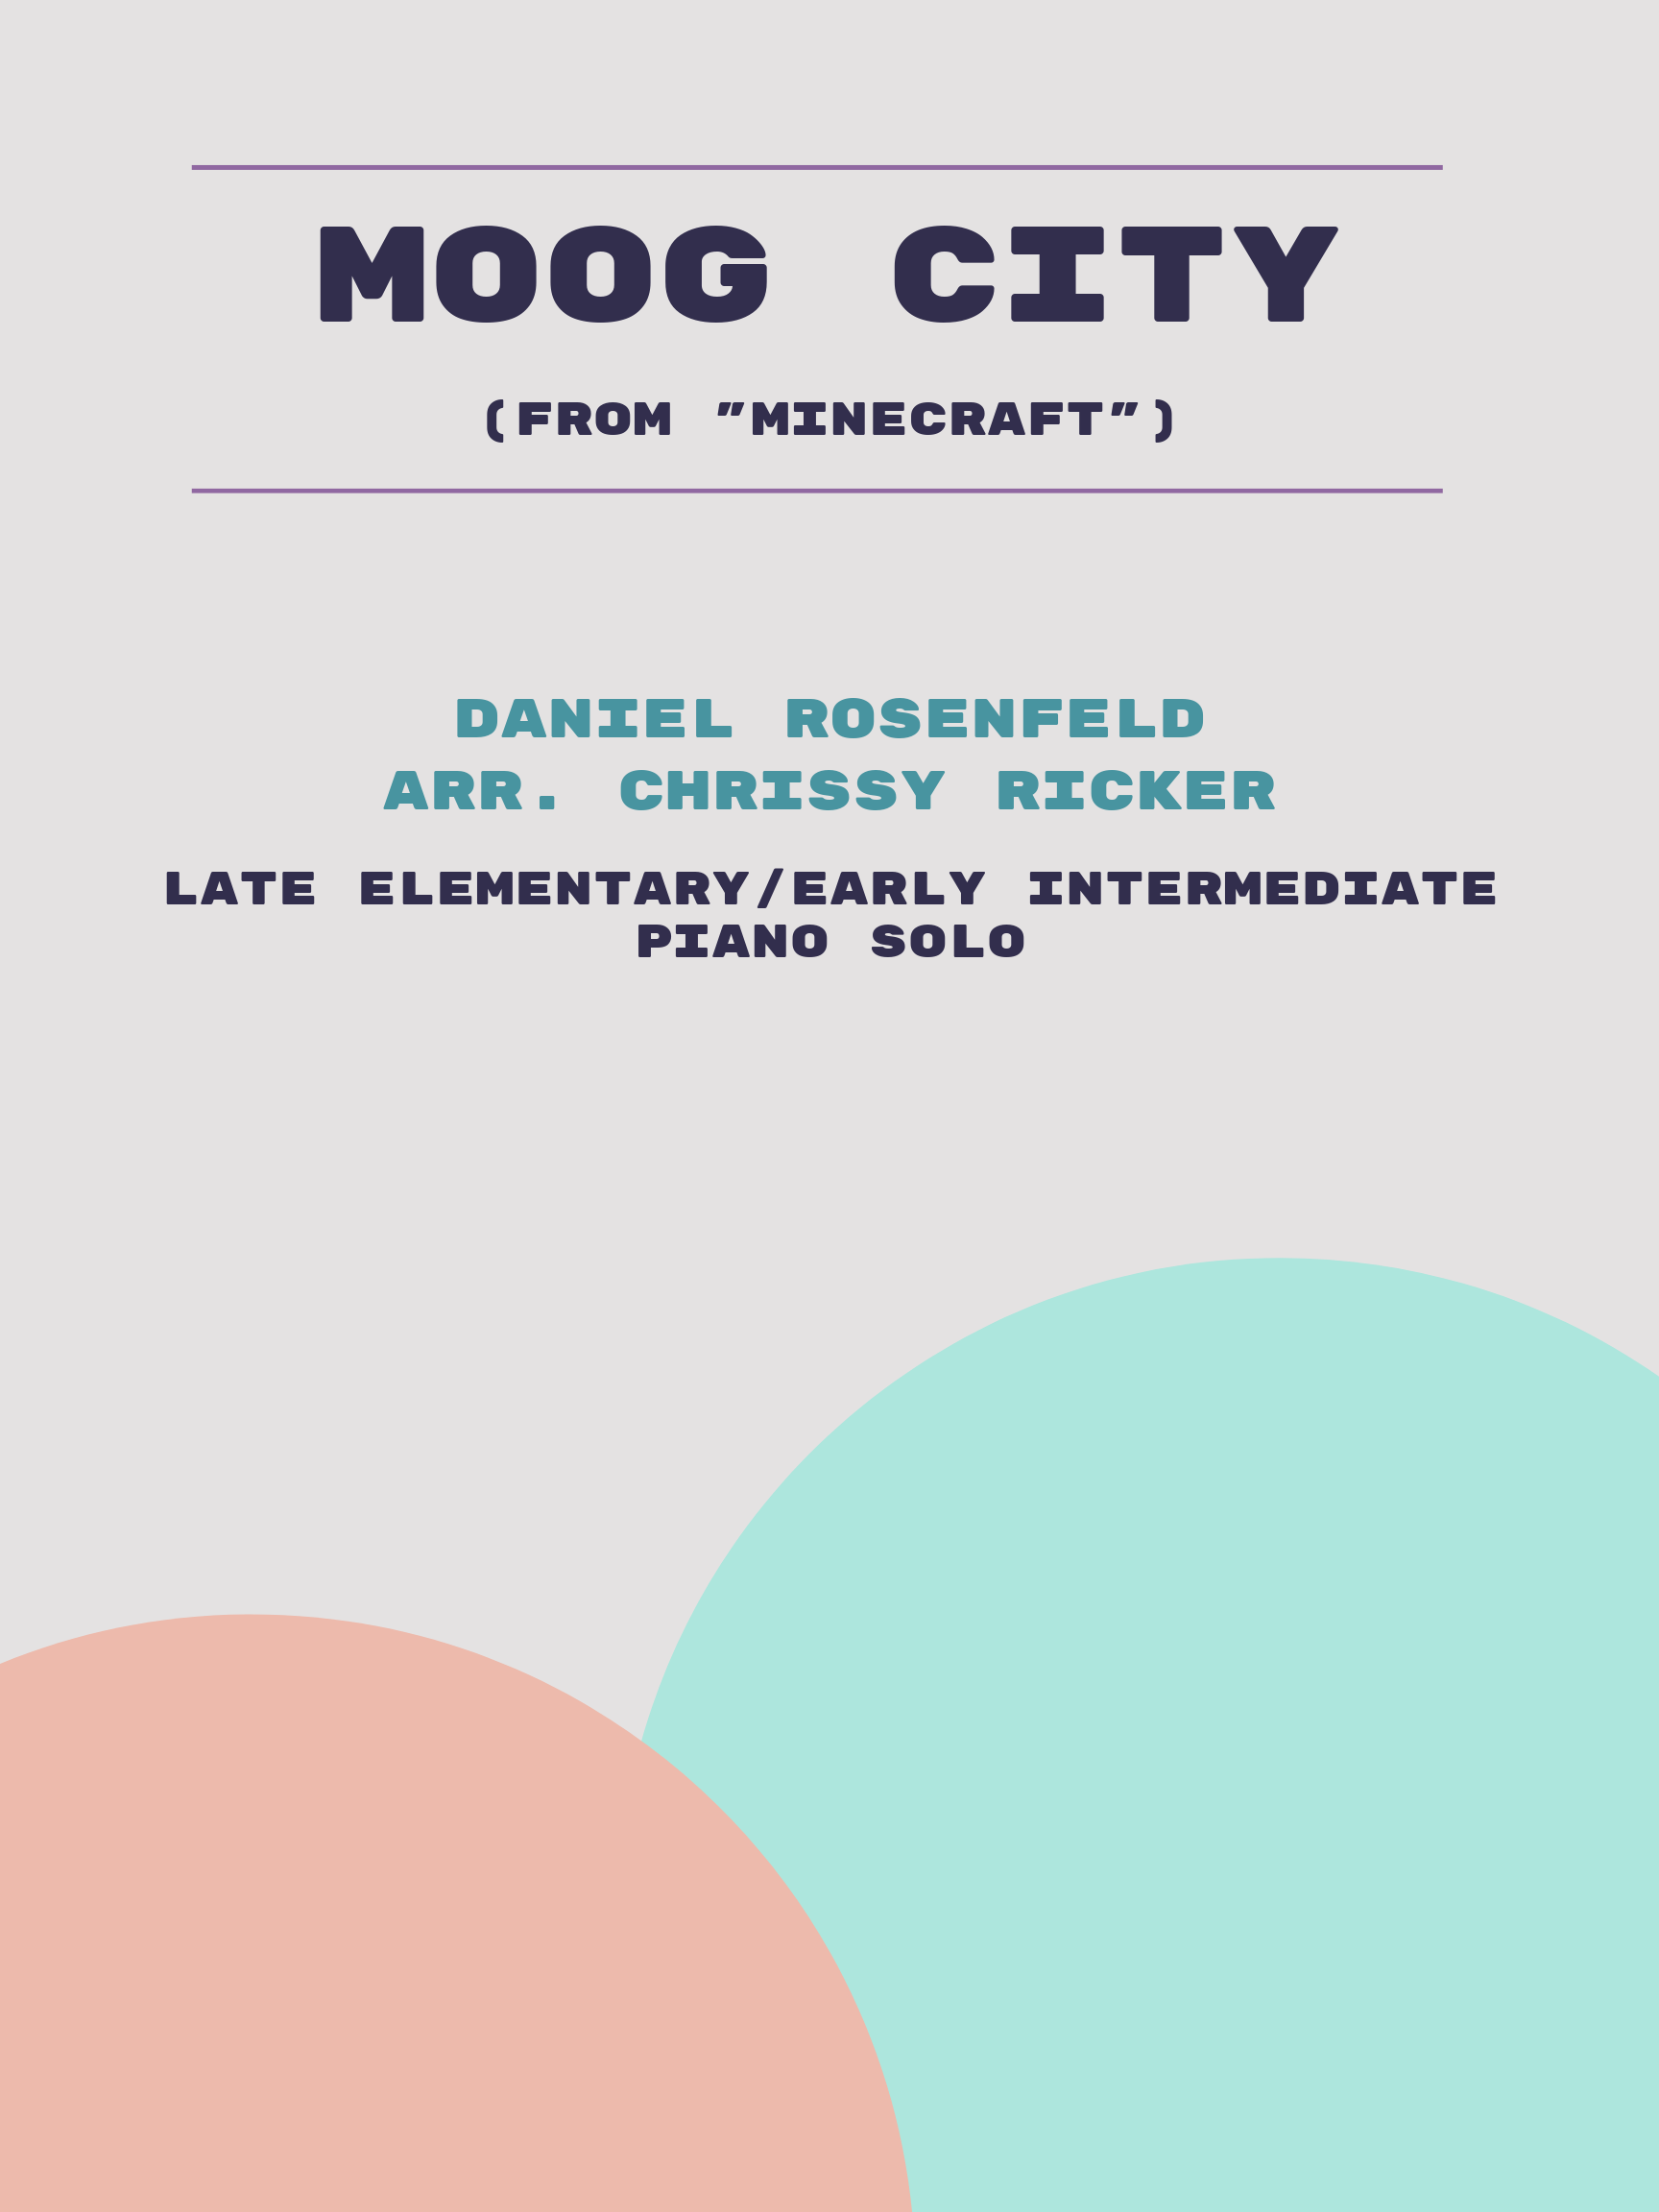 Moog City Sample Page